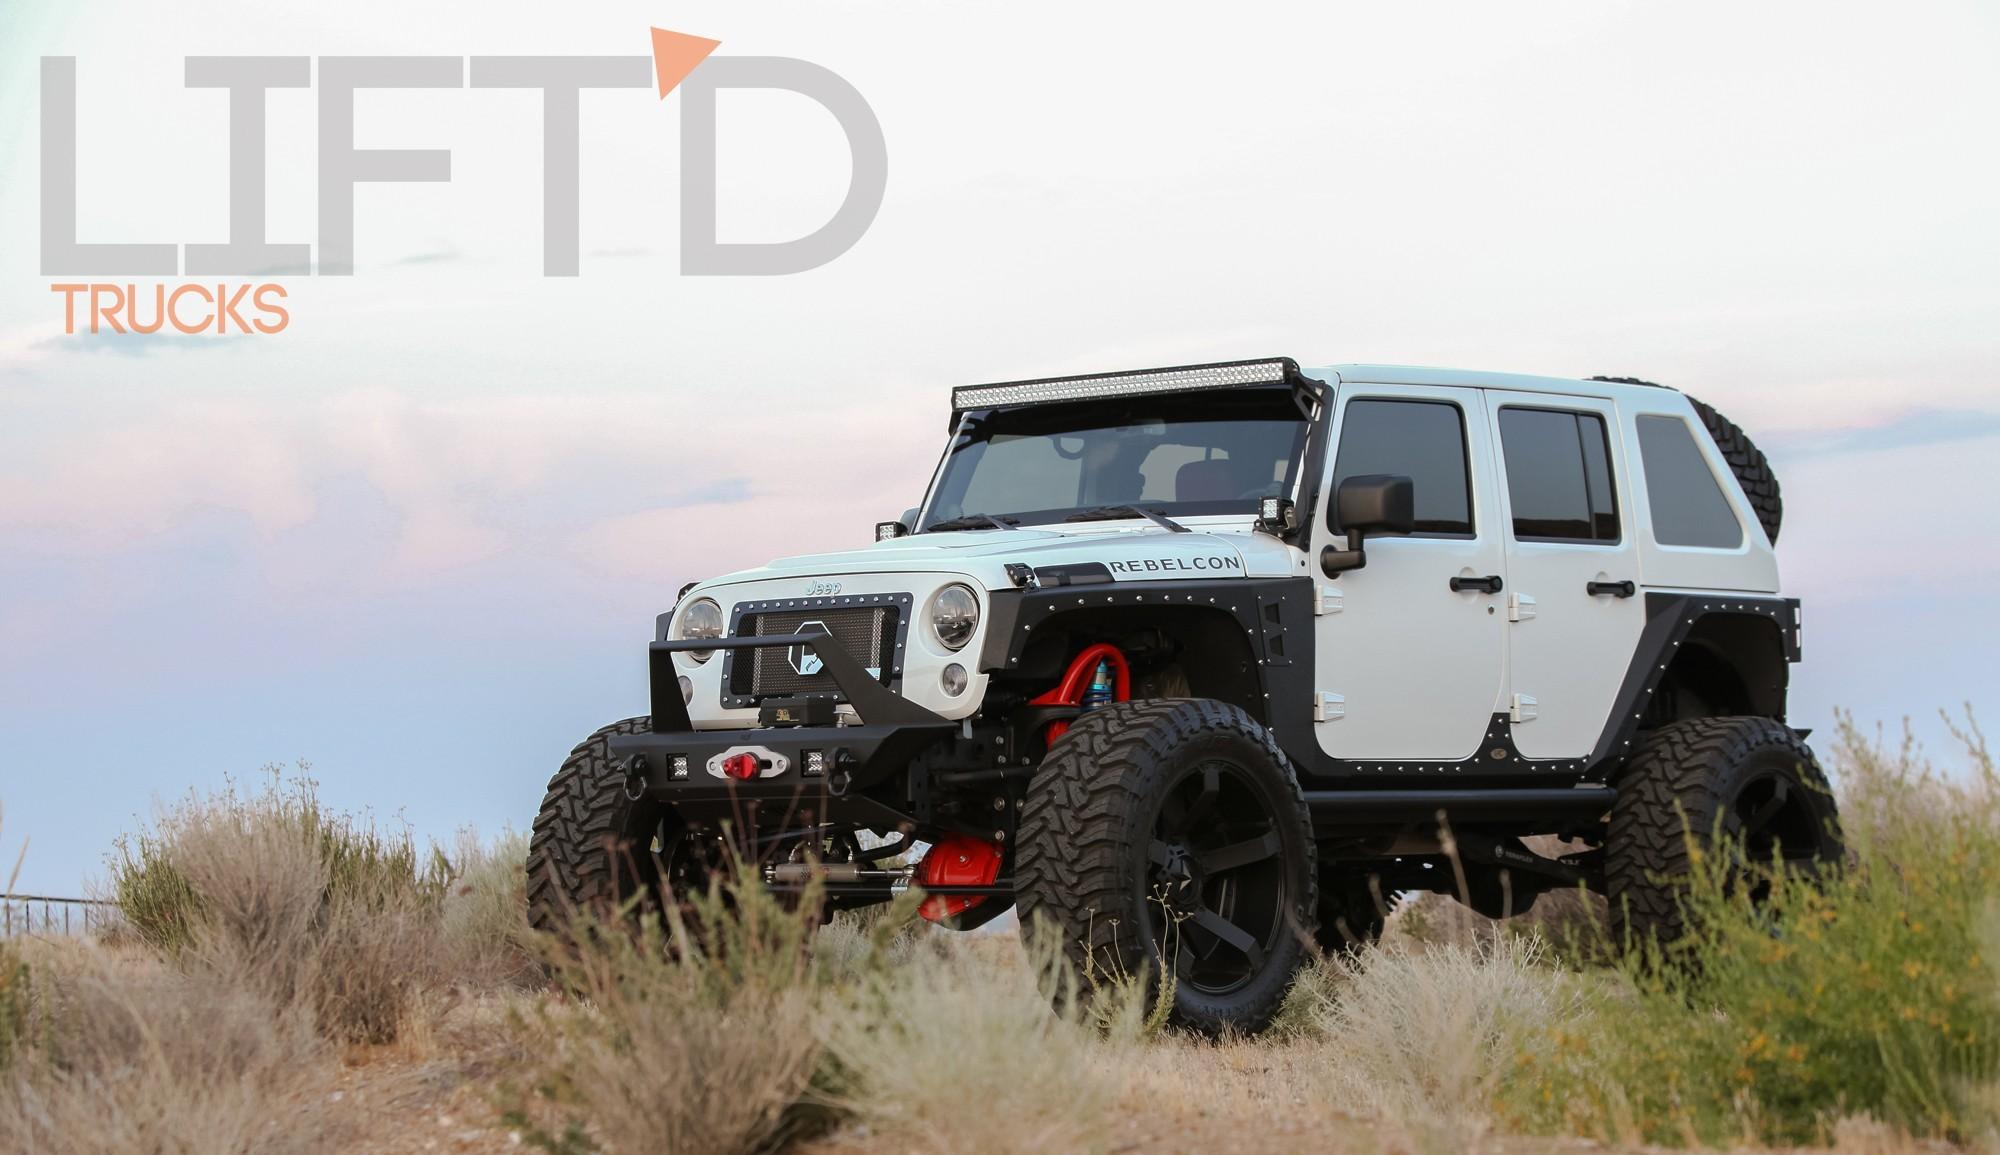 Liftd-Jeep